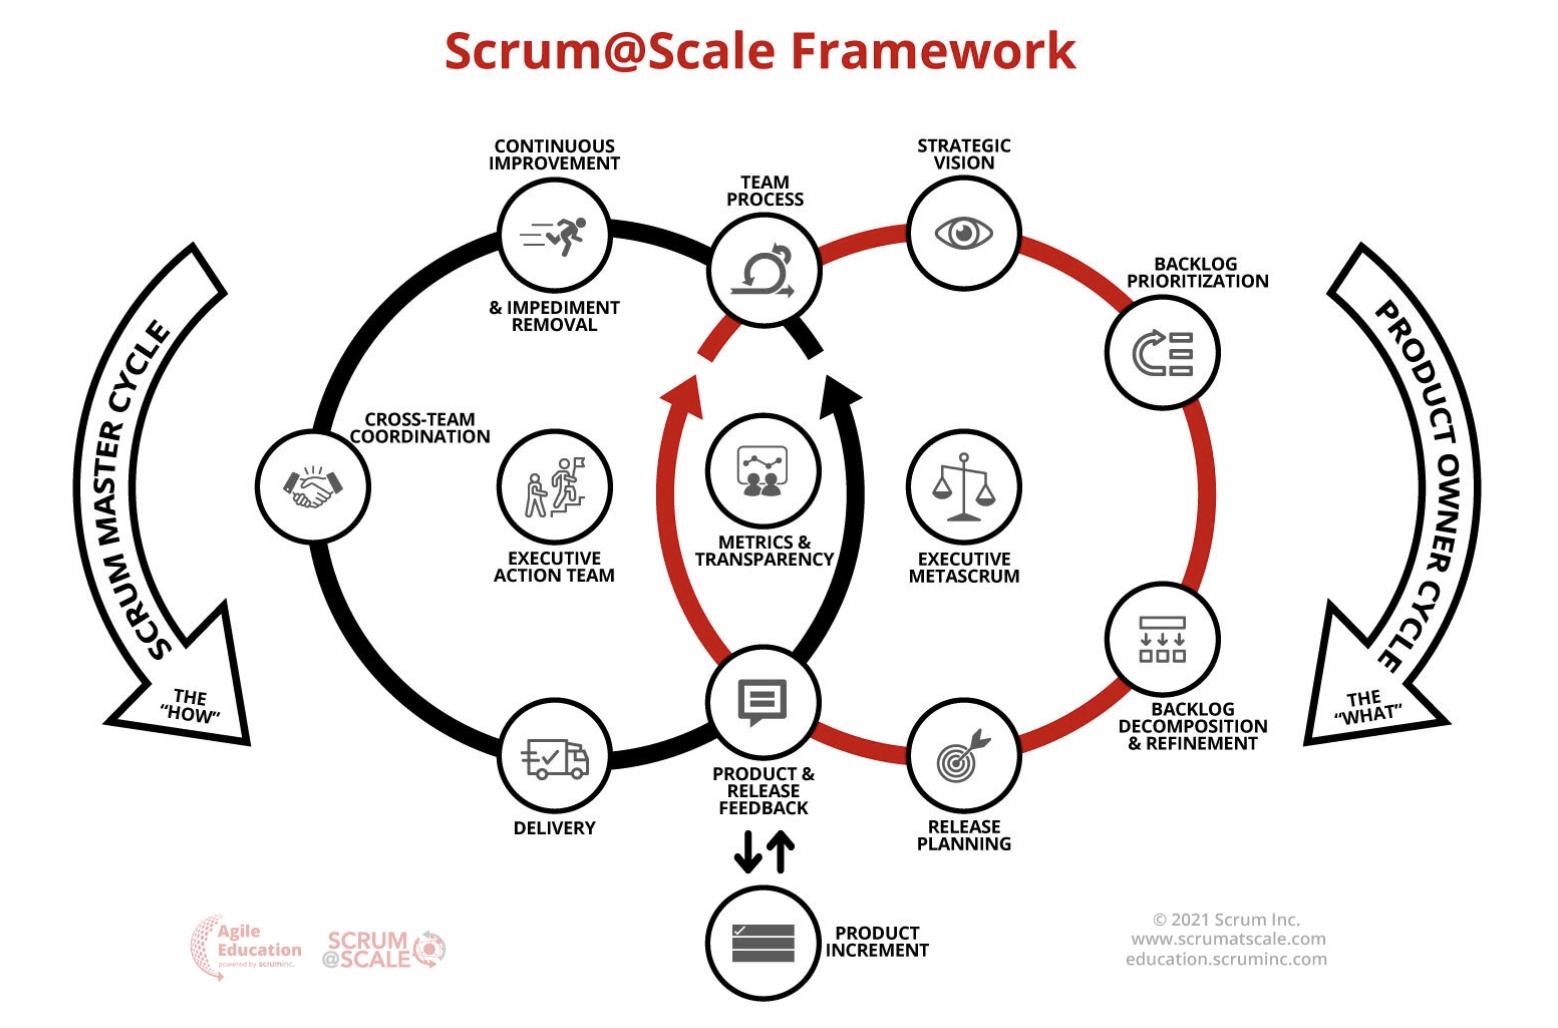 Das Scrum@Scale Framework im Aufbau mit dem Scrum Master Zyklus (schwarz) und Product Owner Zyklus (rot)